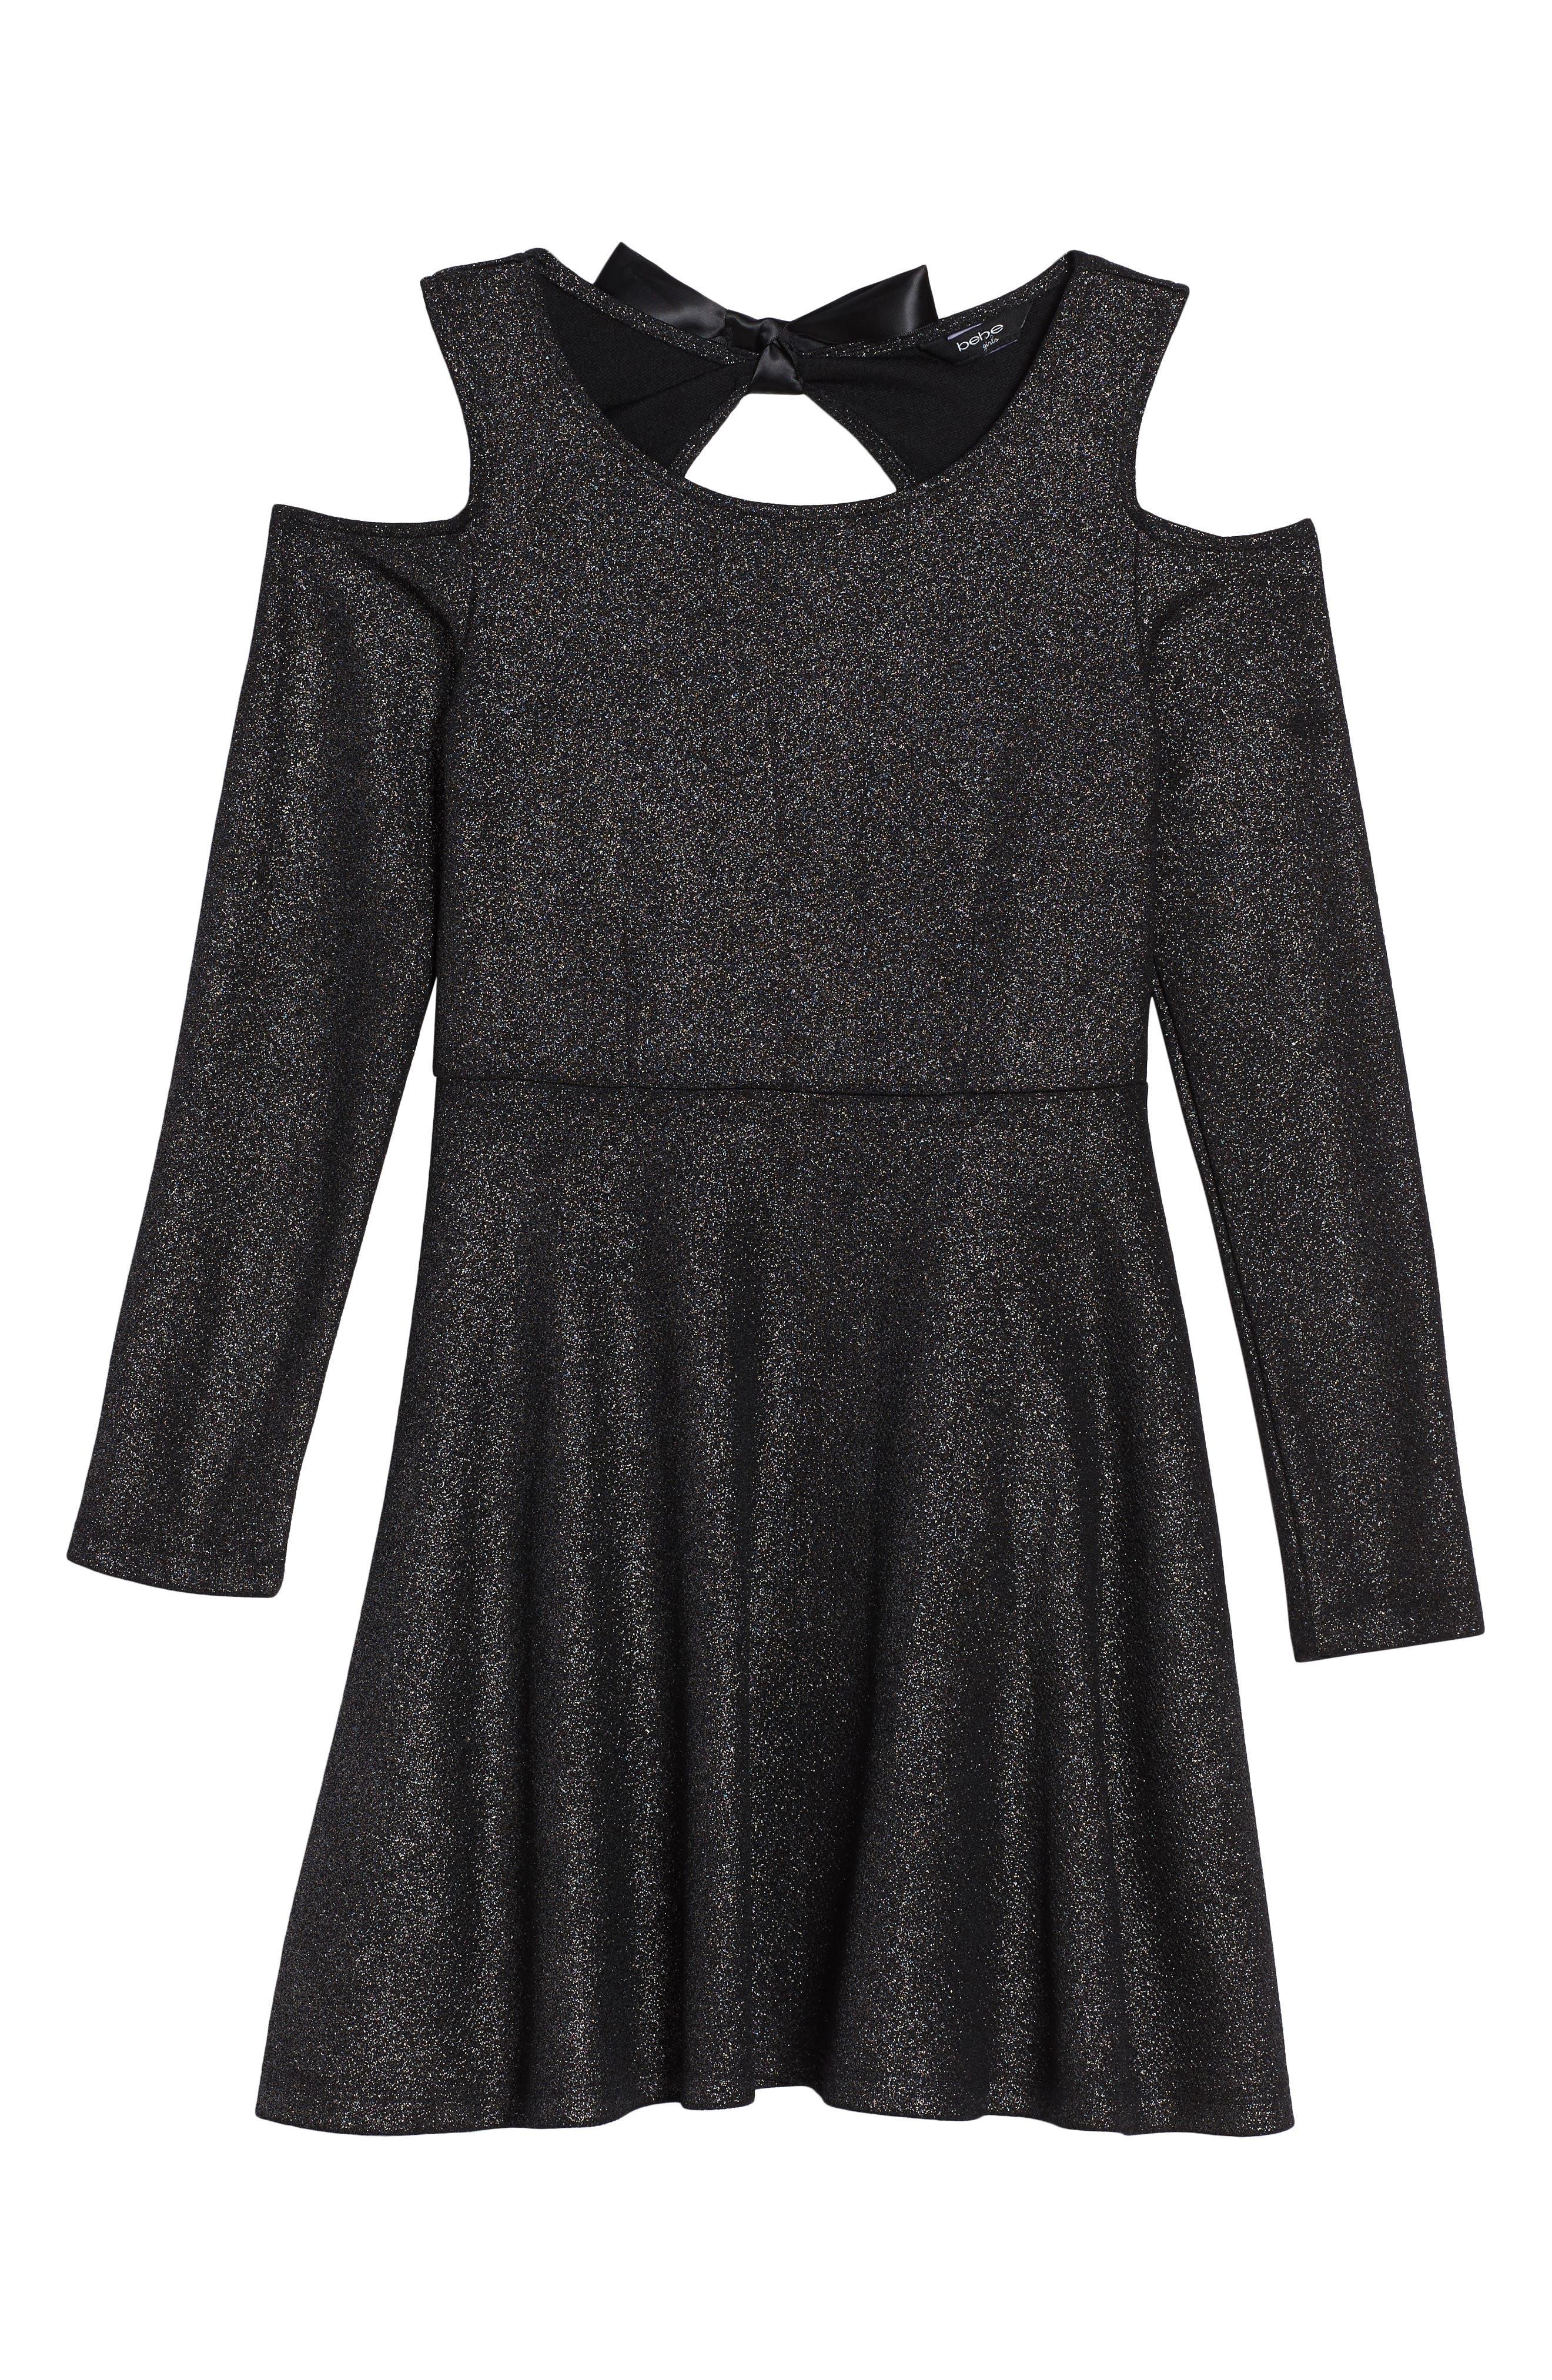 Main Image - bebe Sparkle Knit Cold Shoulder Dress (Big Girls)